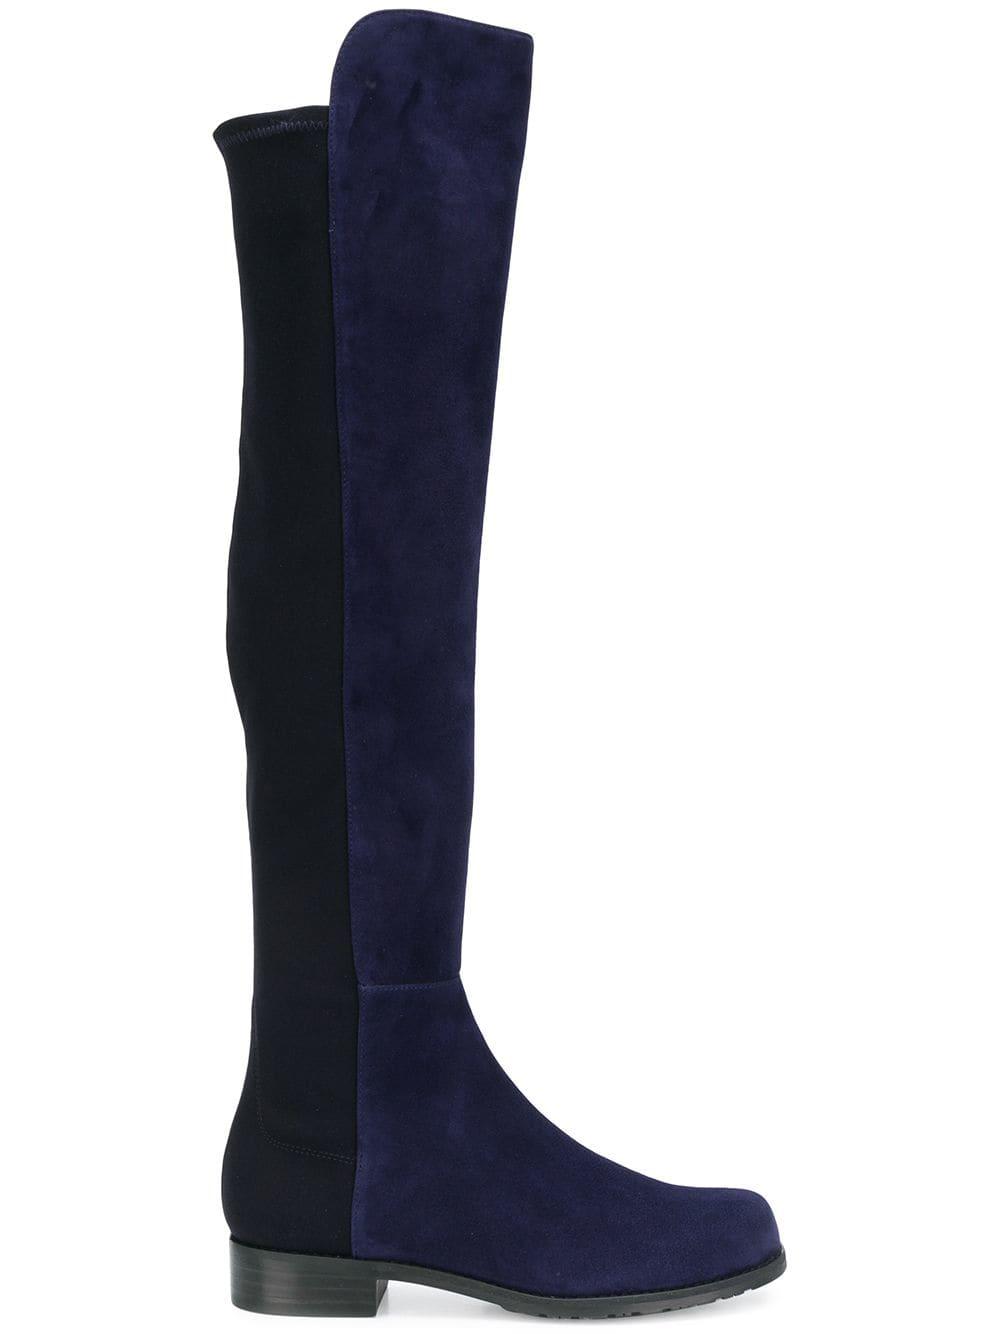 Stuart Weitzman Klassische Overknee-Stiefel - Blau